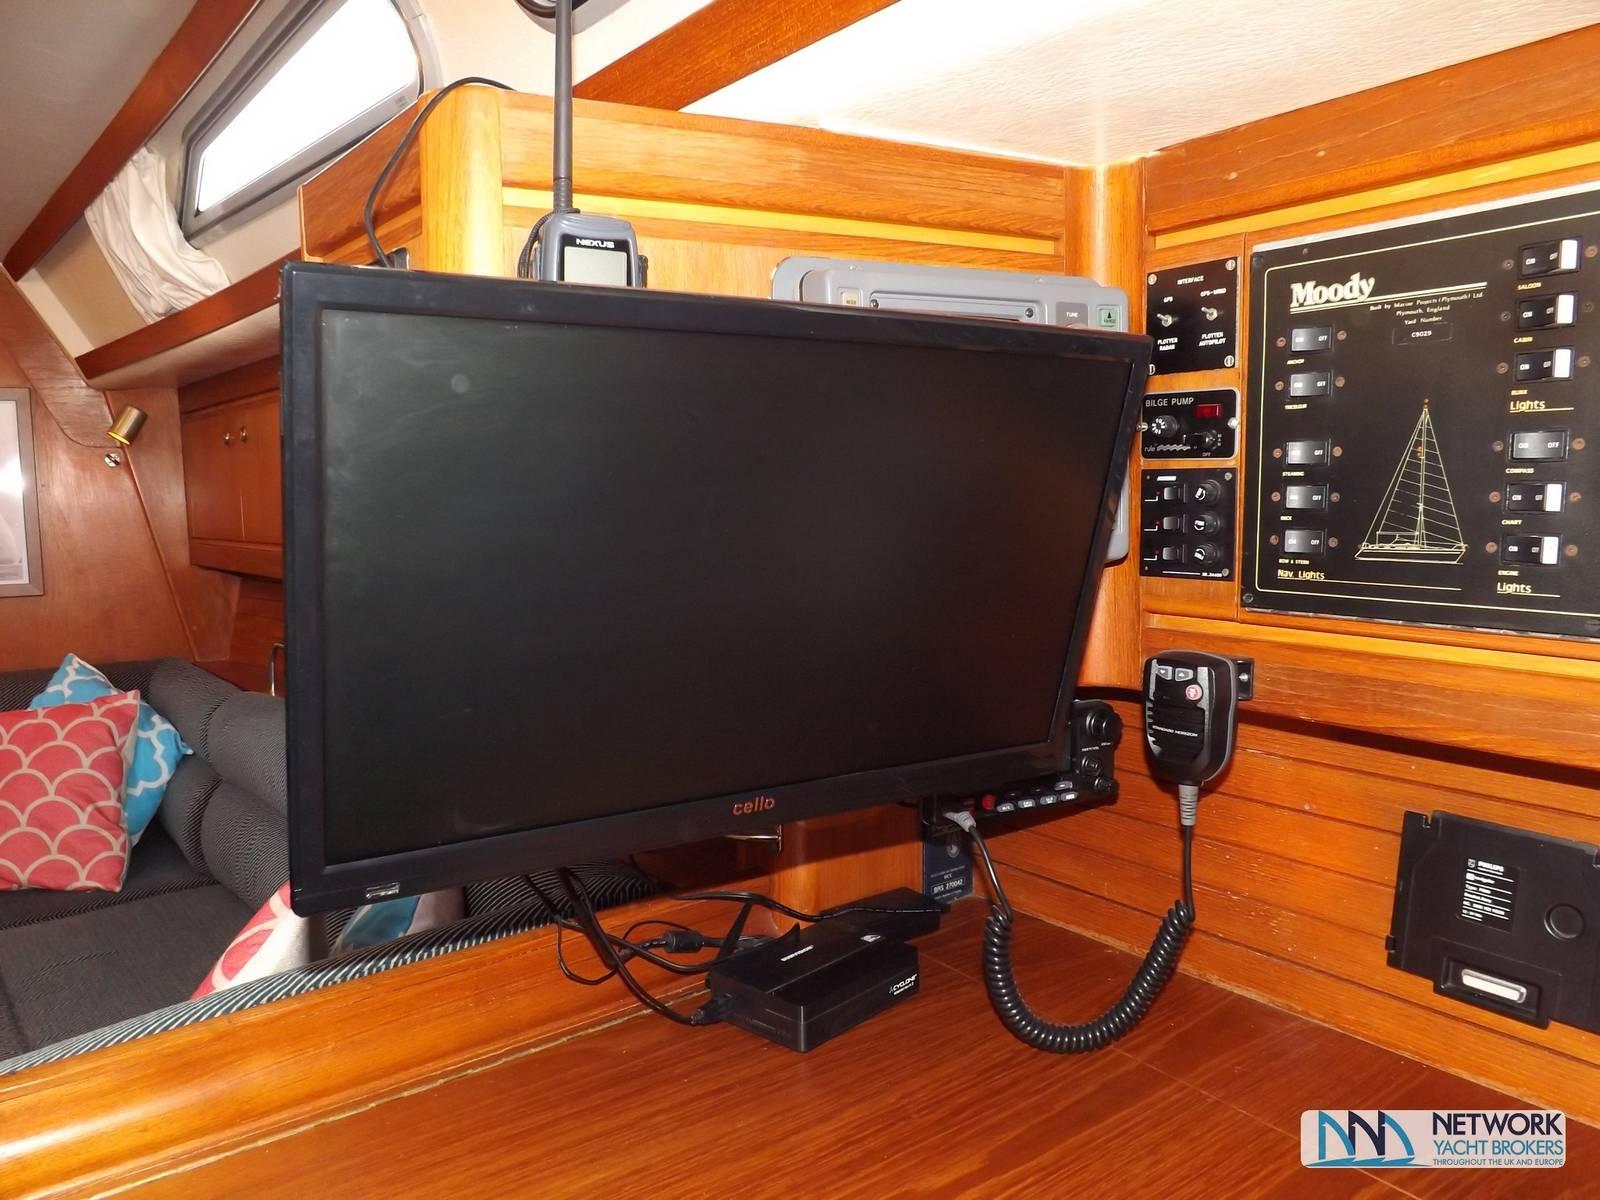 Moody 38CC Network Yacht Brokers Milford Haven Pembrokeshire SA73 3AX 01646 278270 Yachts.co Milford Haven Pembrokeshire SA73 3AX 01646 278270